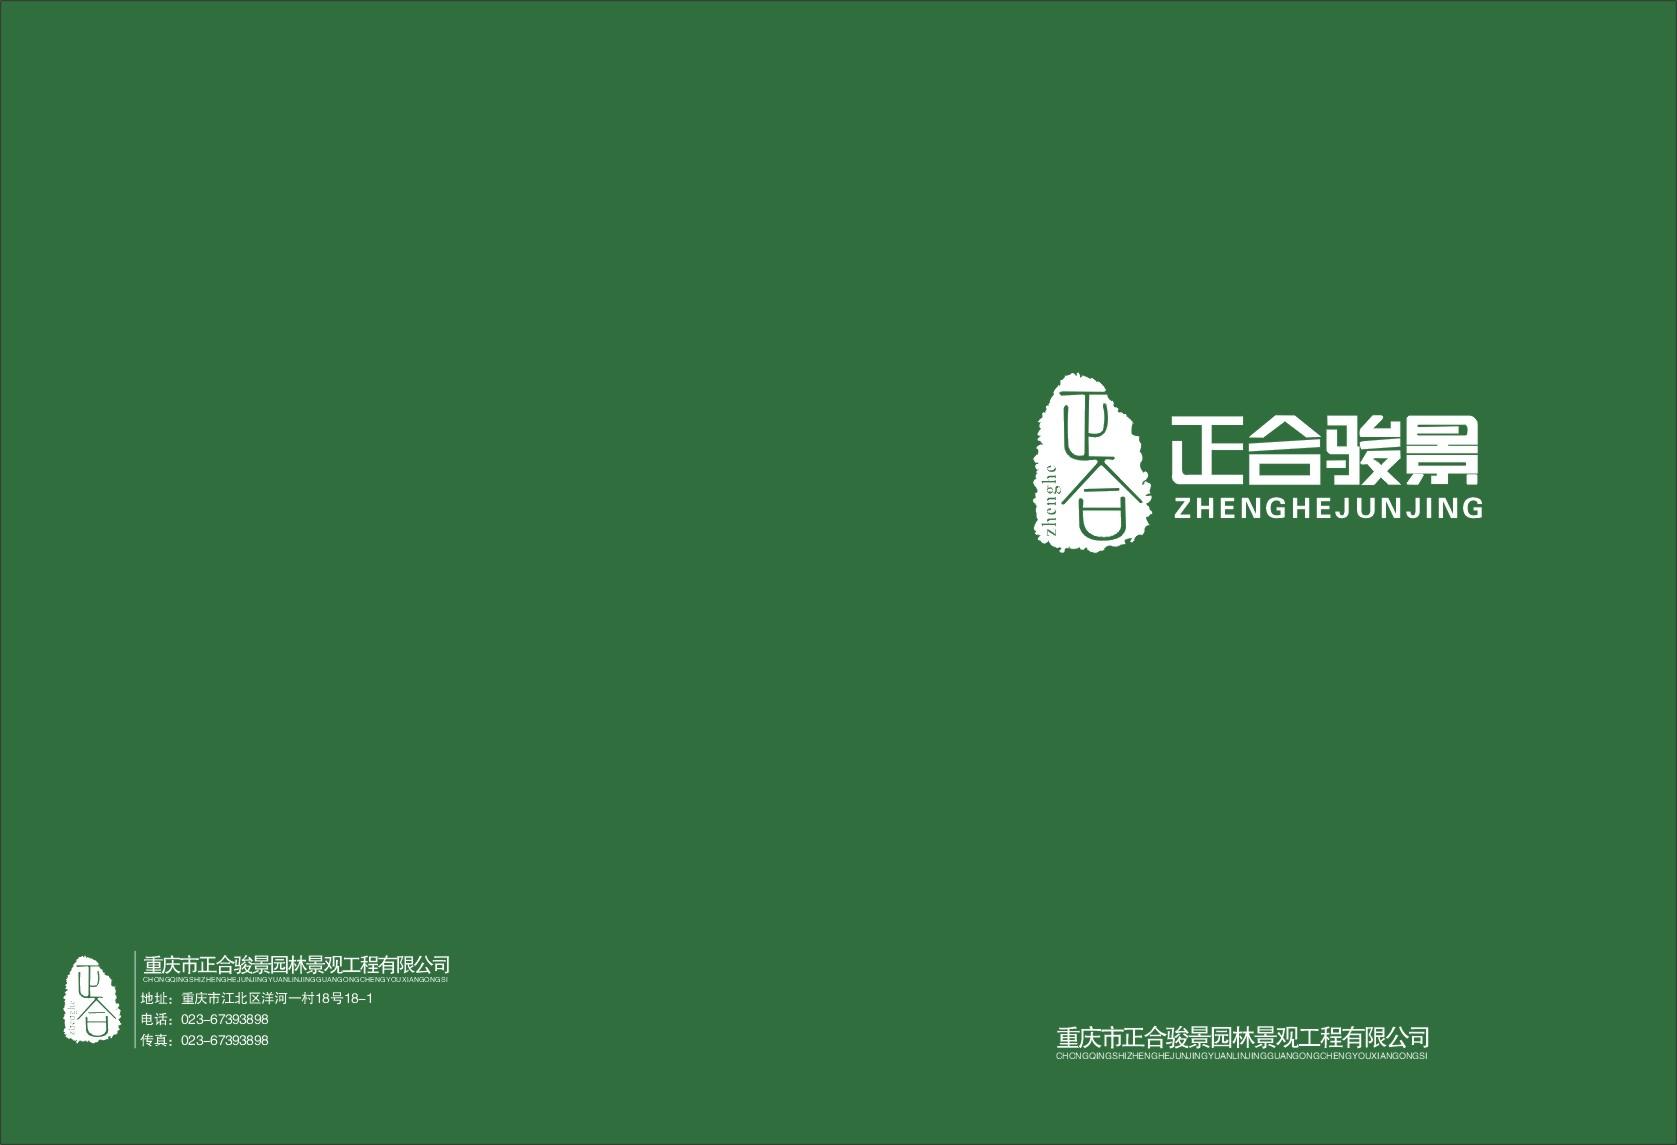 重庆市正合骏景园林景观工程有限公司